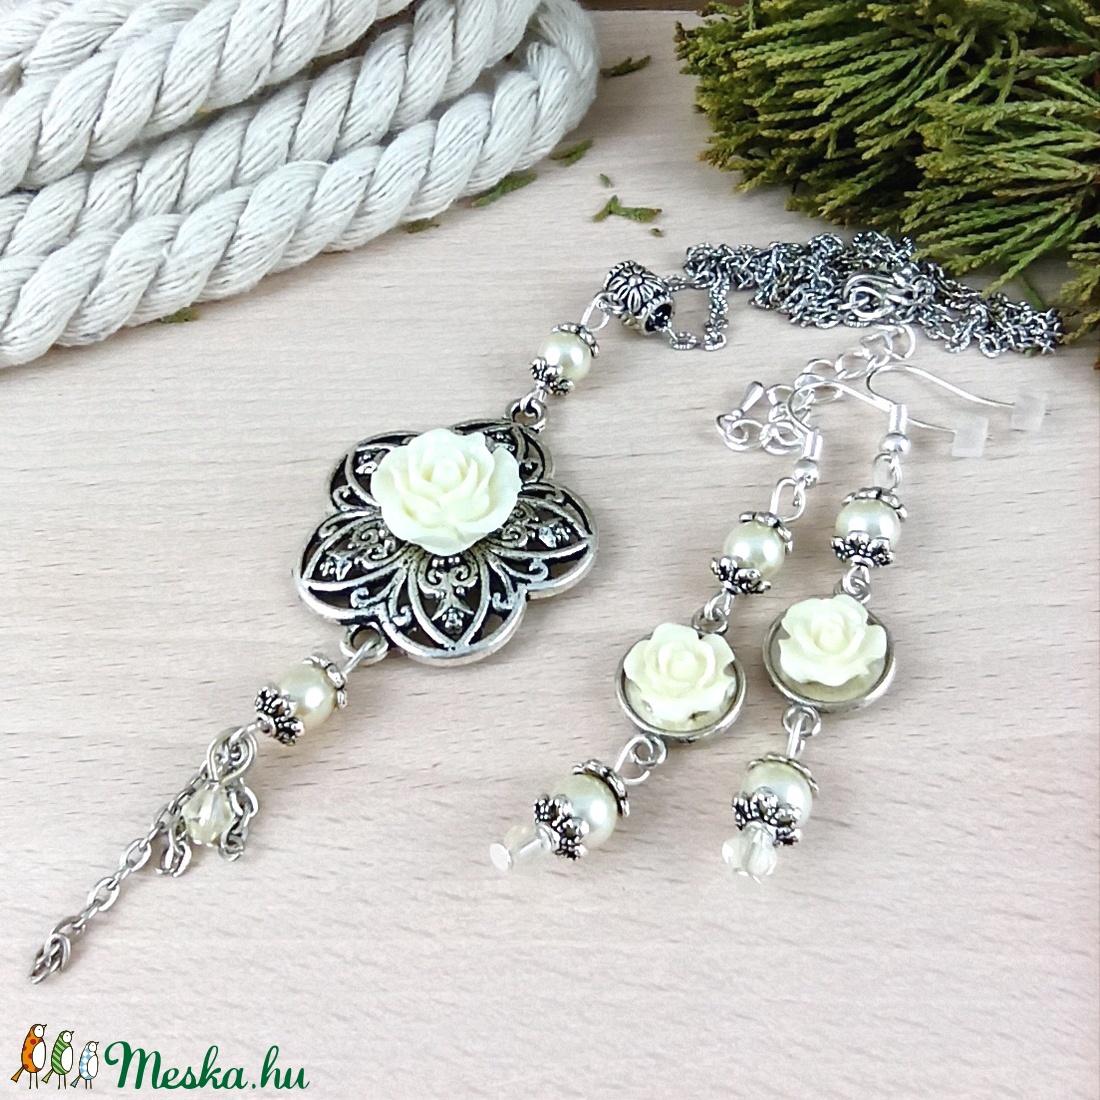 #6 krém rózsás antik ezüst szett nyaklánc fülbevaló esküvő alkalmi koszorúslány menyasszony násznagy - ékszer - ékszerszett - Meska.hu